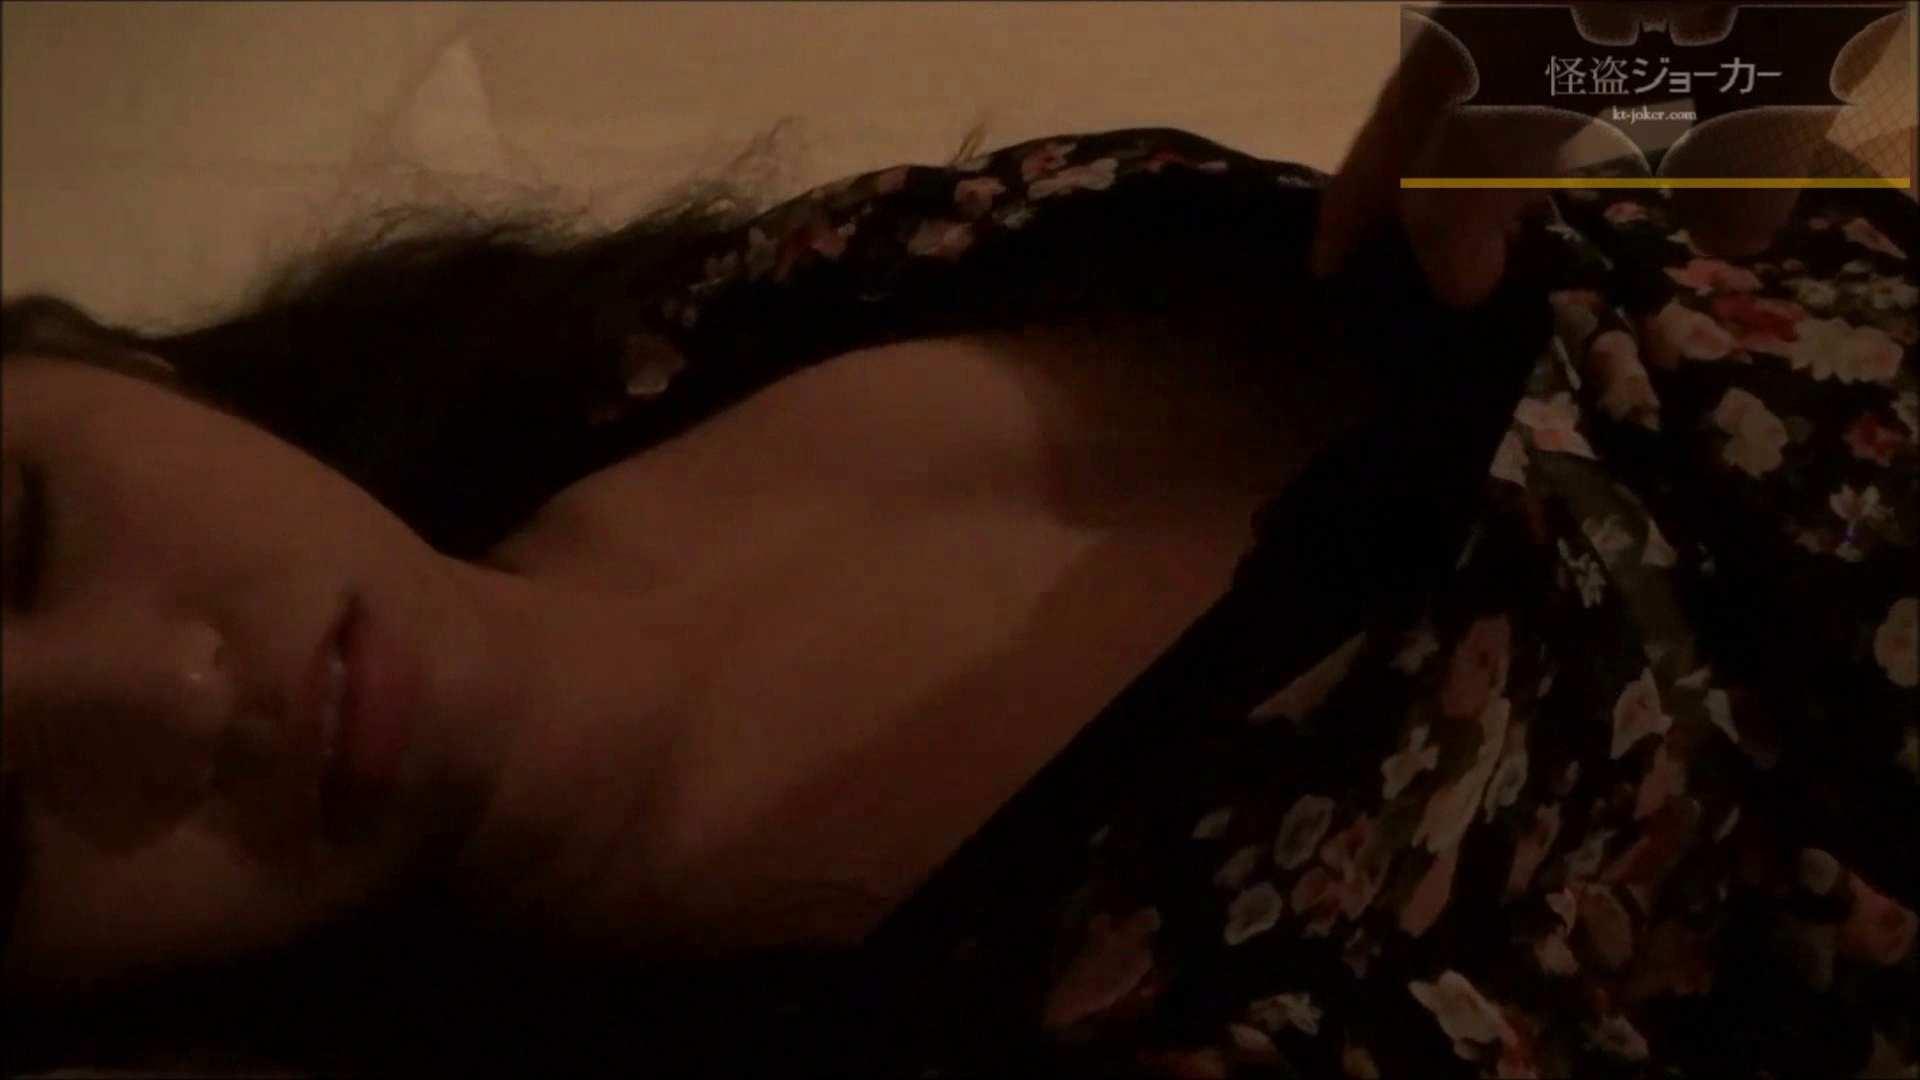 vol.17 葵の顔面にアレを押し付けてw フェラ・シーン われめAV動画紹介 107枚 83